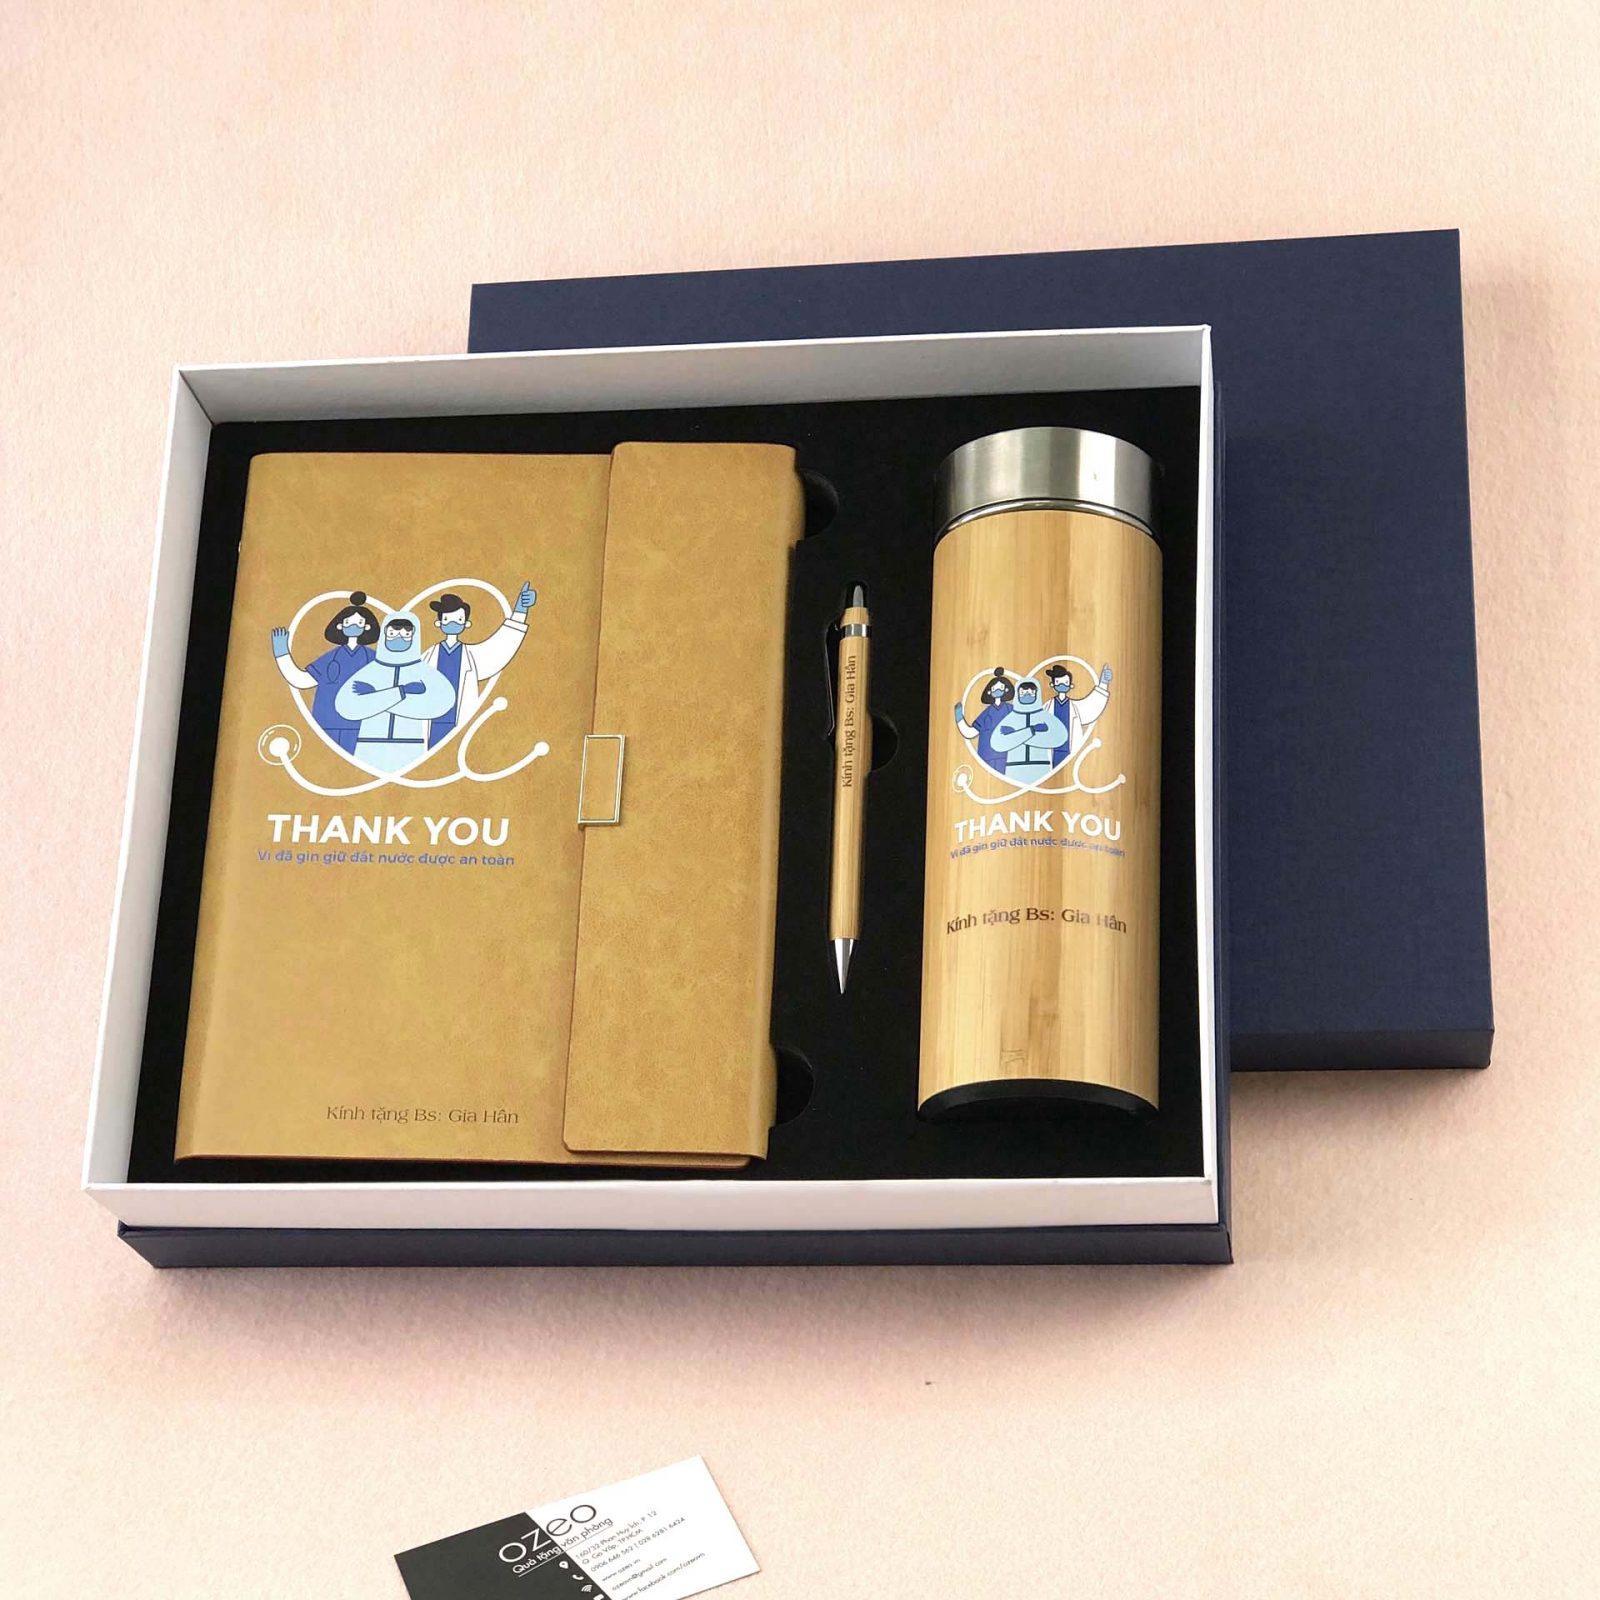 Bộ quà tặng bác sĩ gồm sổ kèm bút và bình giữ nhiệt in ấn theo thiết kế có sẵn - mẫu CBQTBS-T02